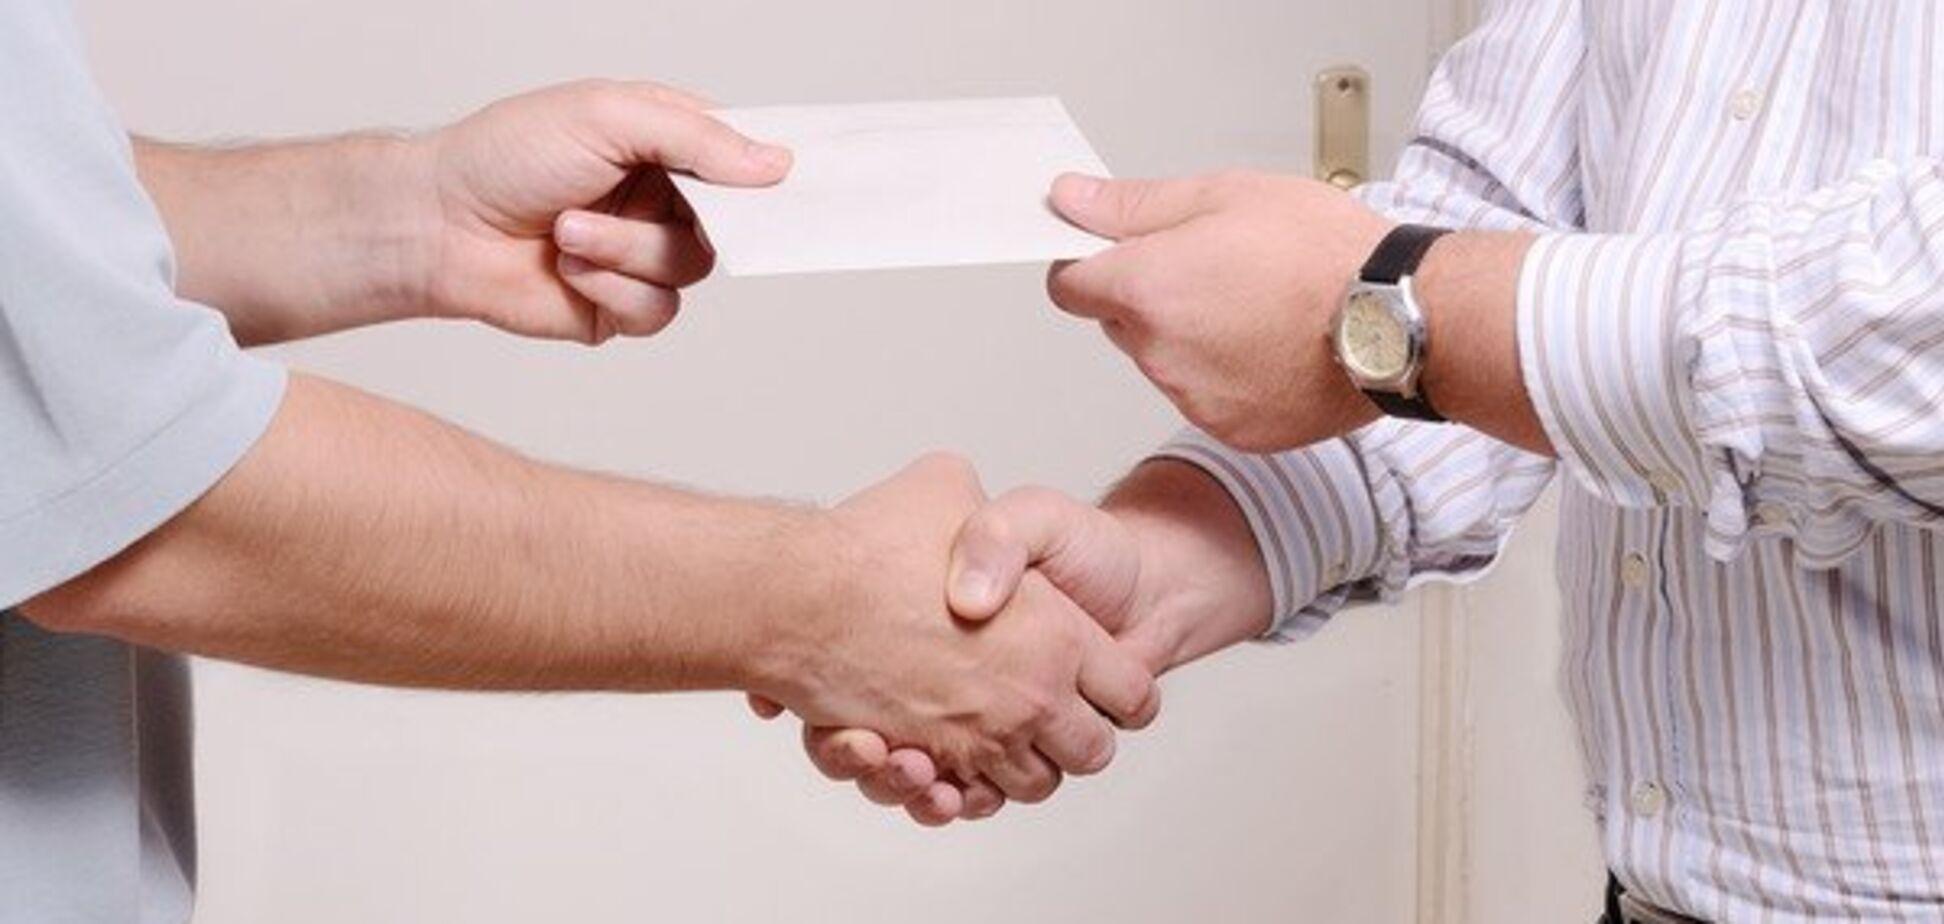 Аж до в'язниці: в Україні запропонували карати працівників за зарплати в конвертах